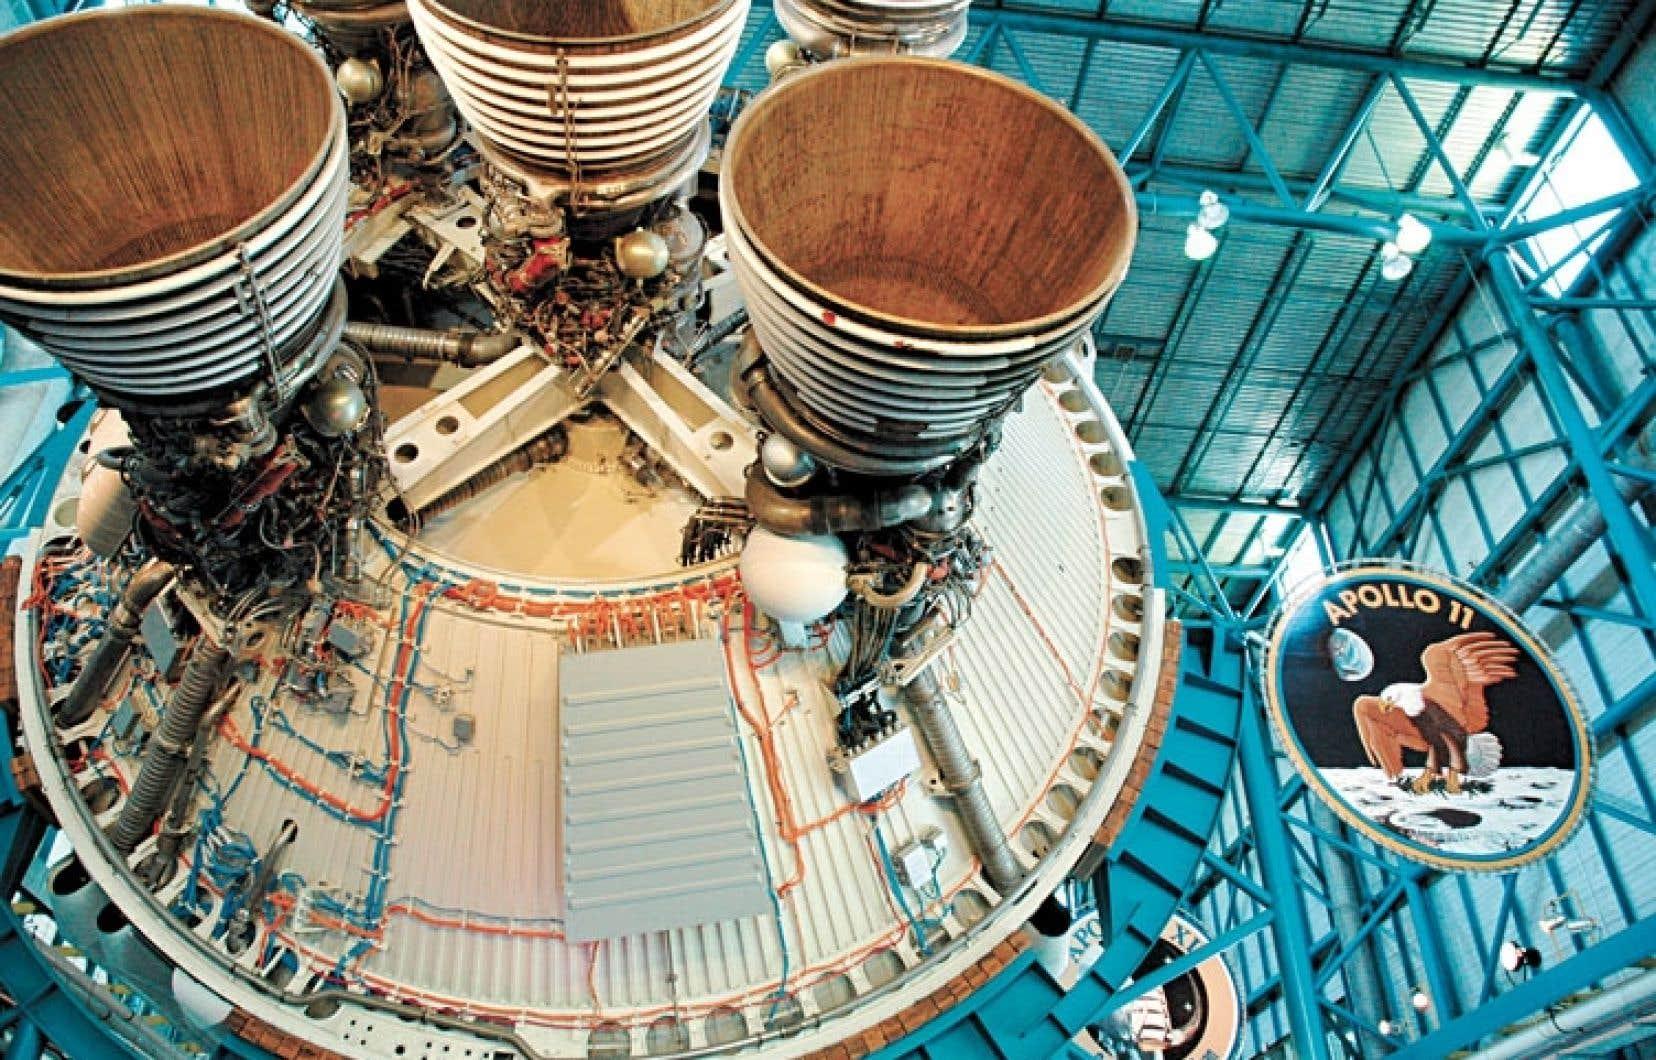 Le programme Apollo qui a envoyé un premier homme sur la Lune, représente certes une période charnière de la conquête de l'espace du Centre spatial Kennedy.